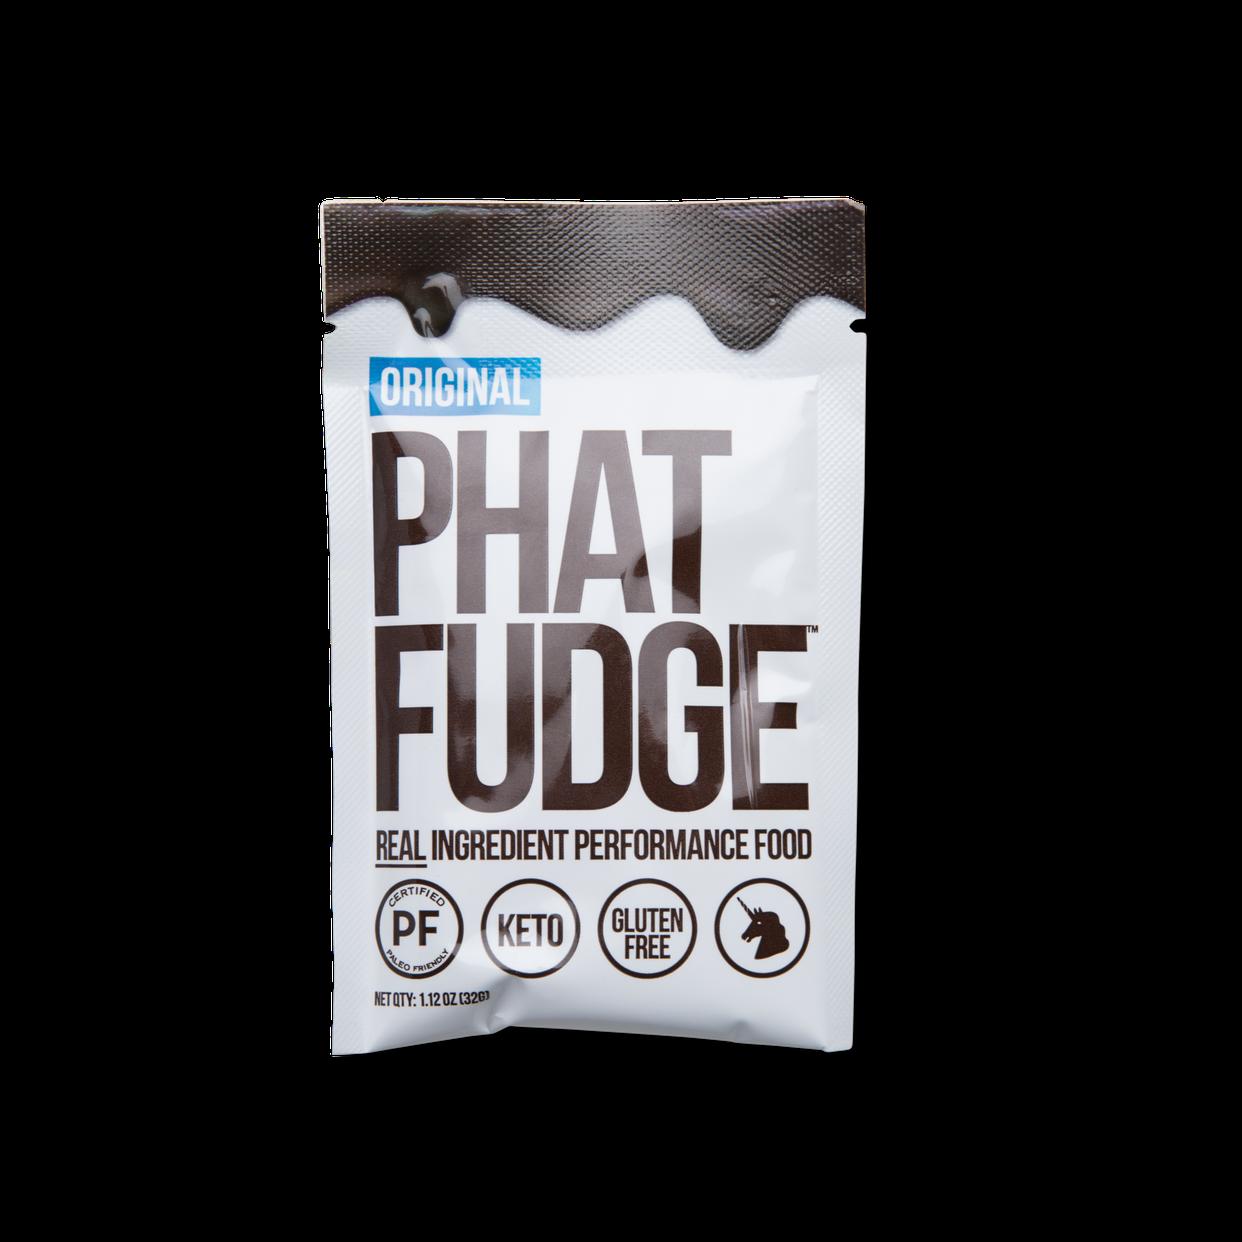 Phat Fudge - Snap Kitchen - Paleo, Vegetarian, Gluten Free